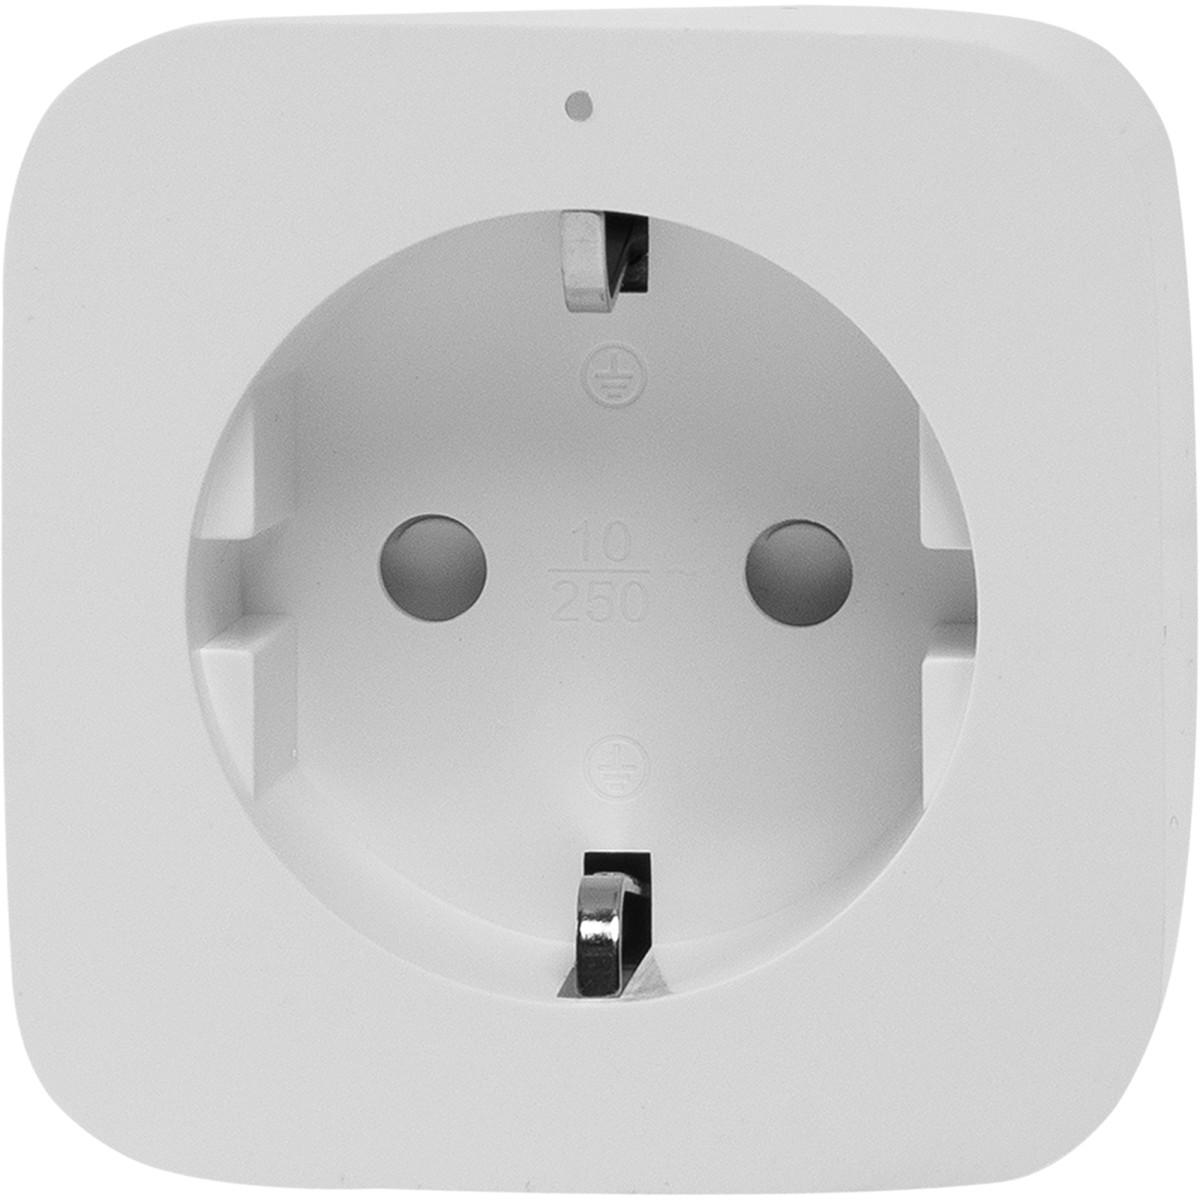 Умная розетка Xiaomi Mi Smart Plug